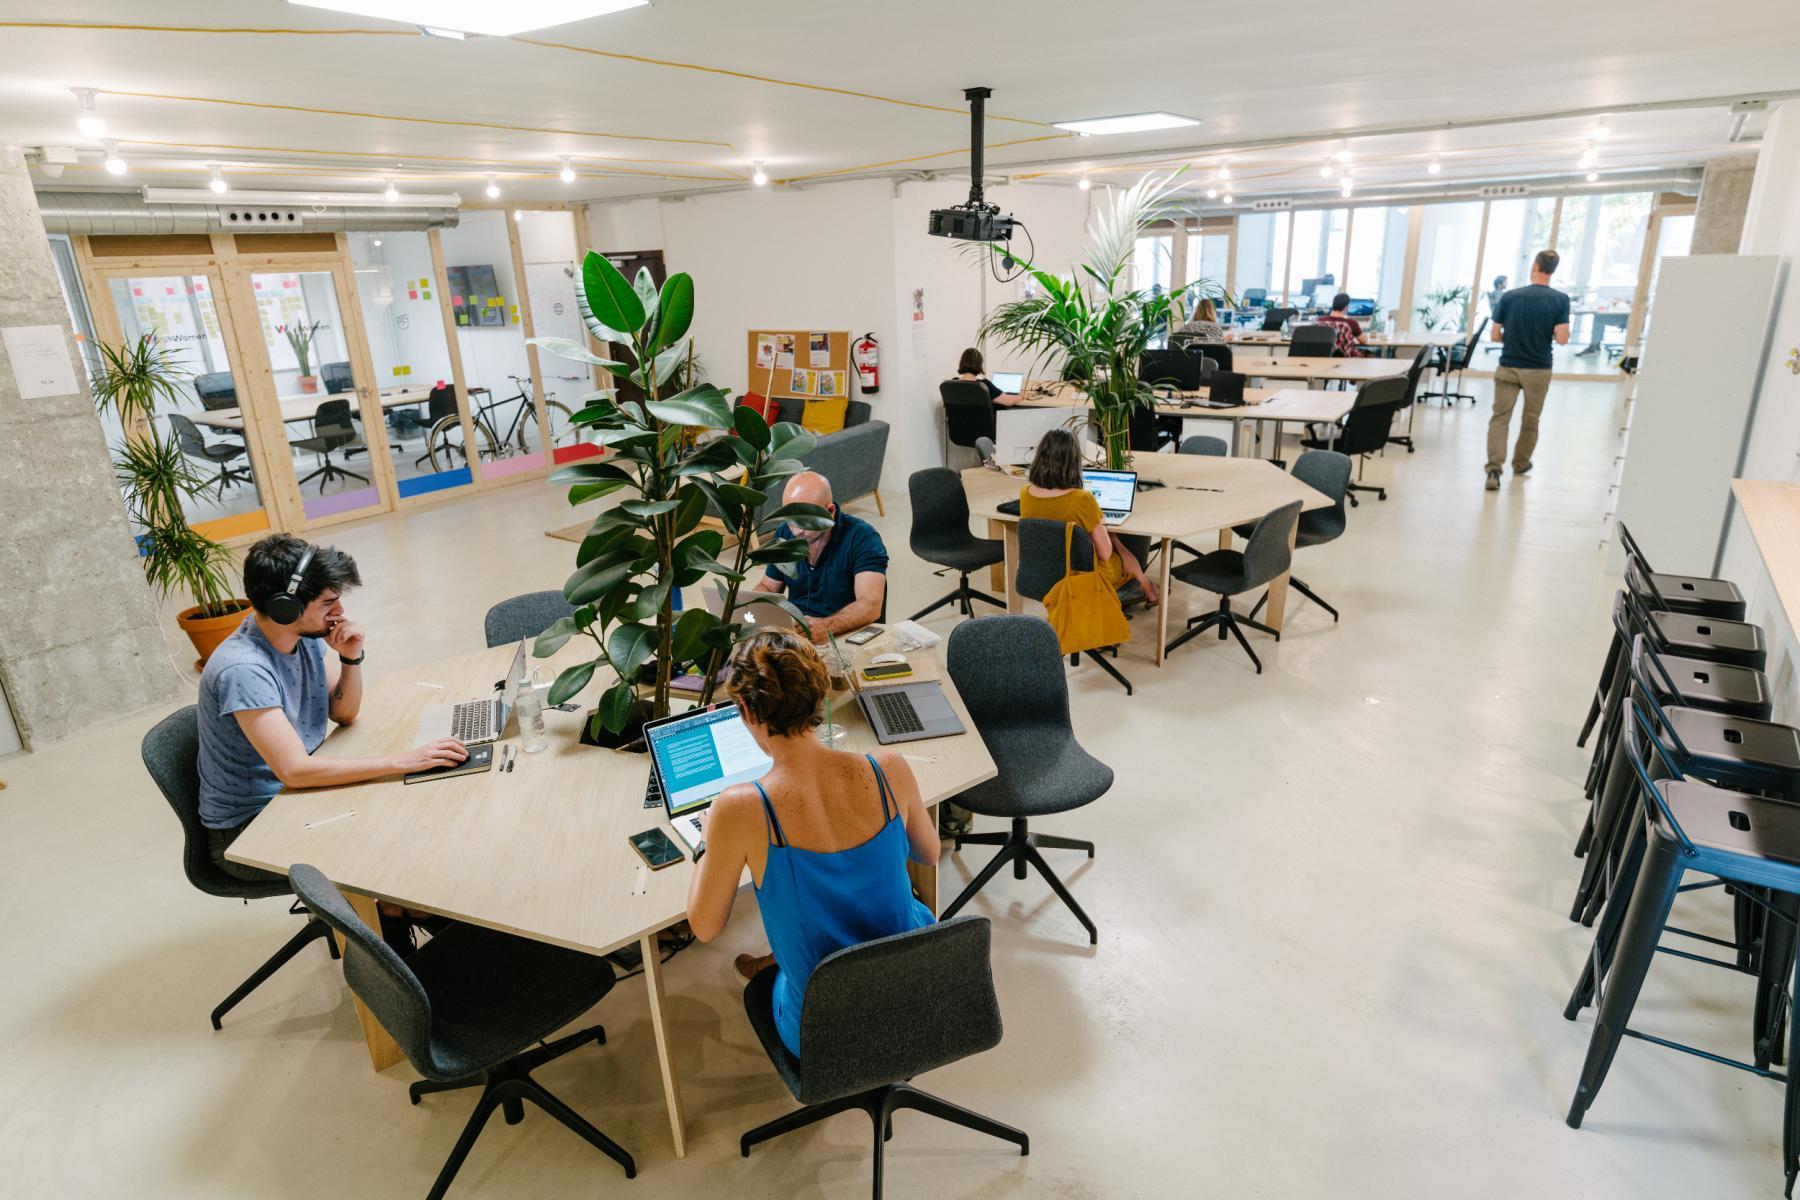 Alquilar oficinas Avenida de Francesc Cambó 17, Barcelona (2)